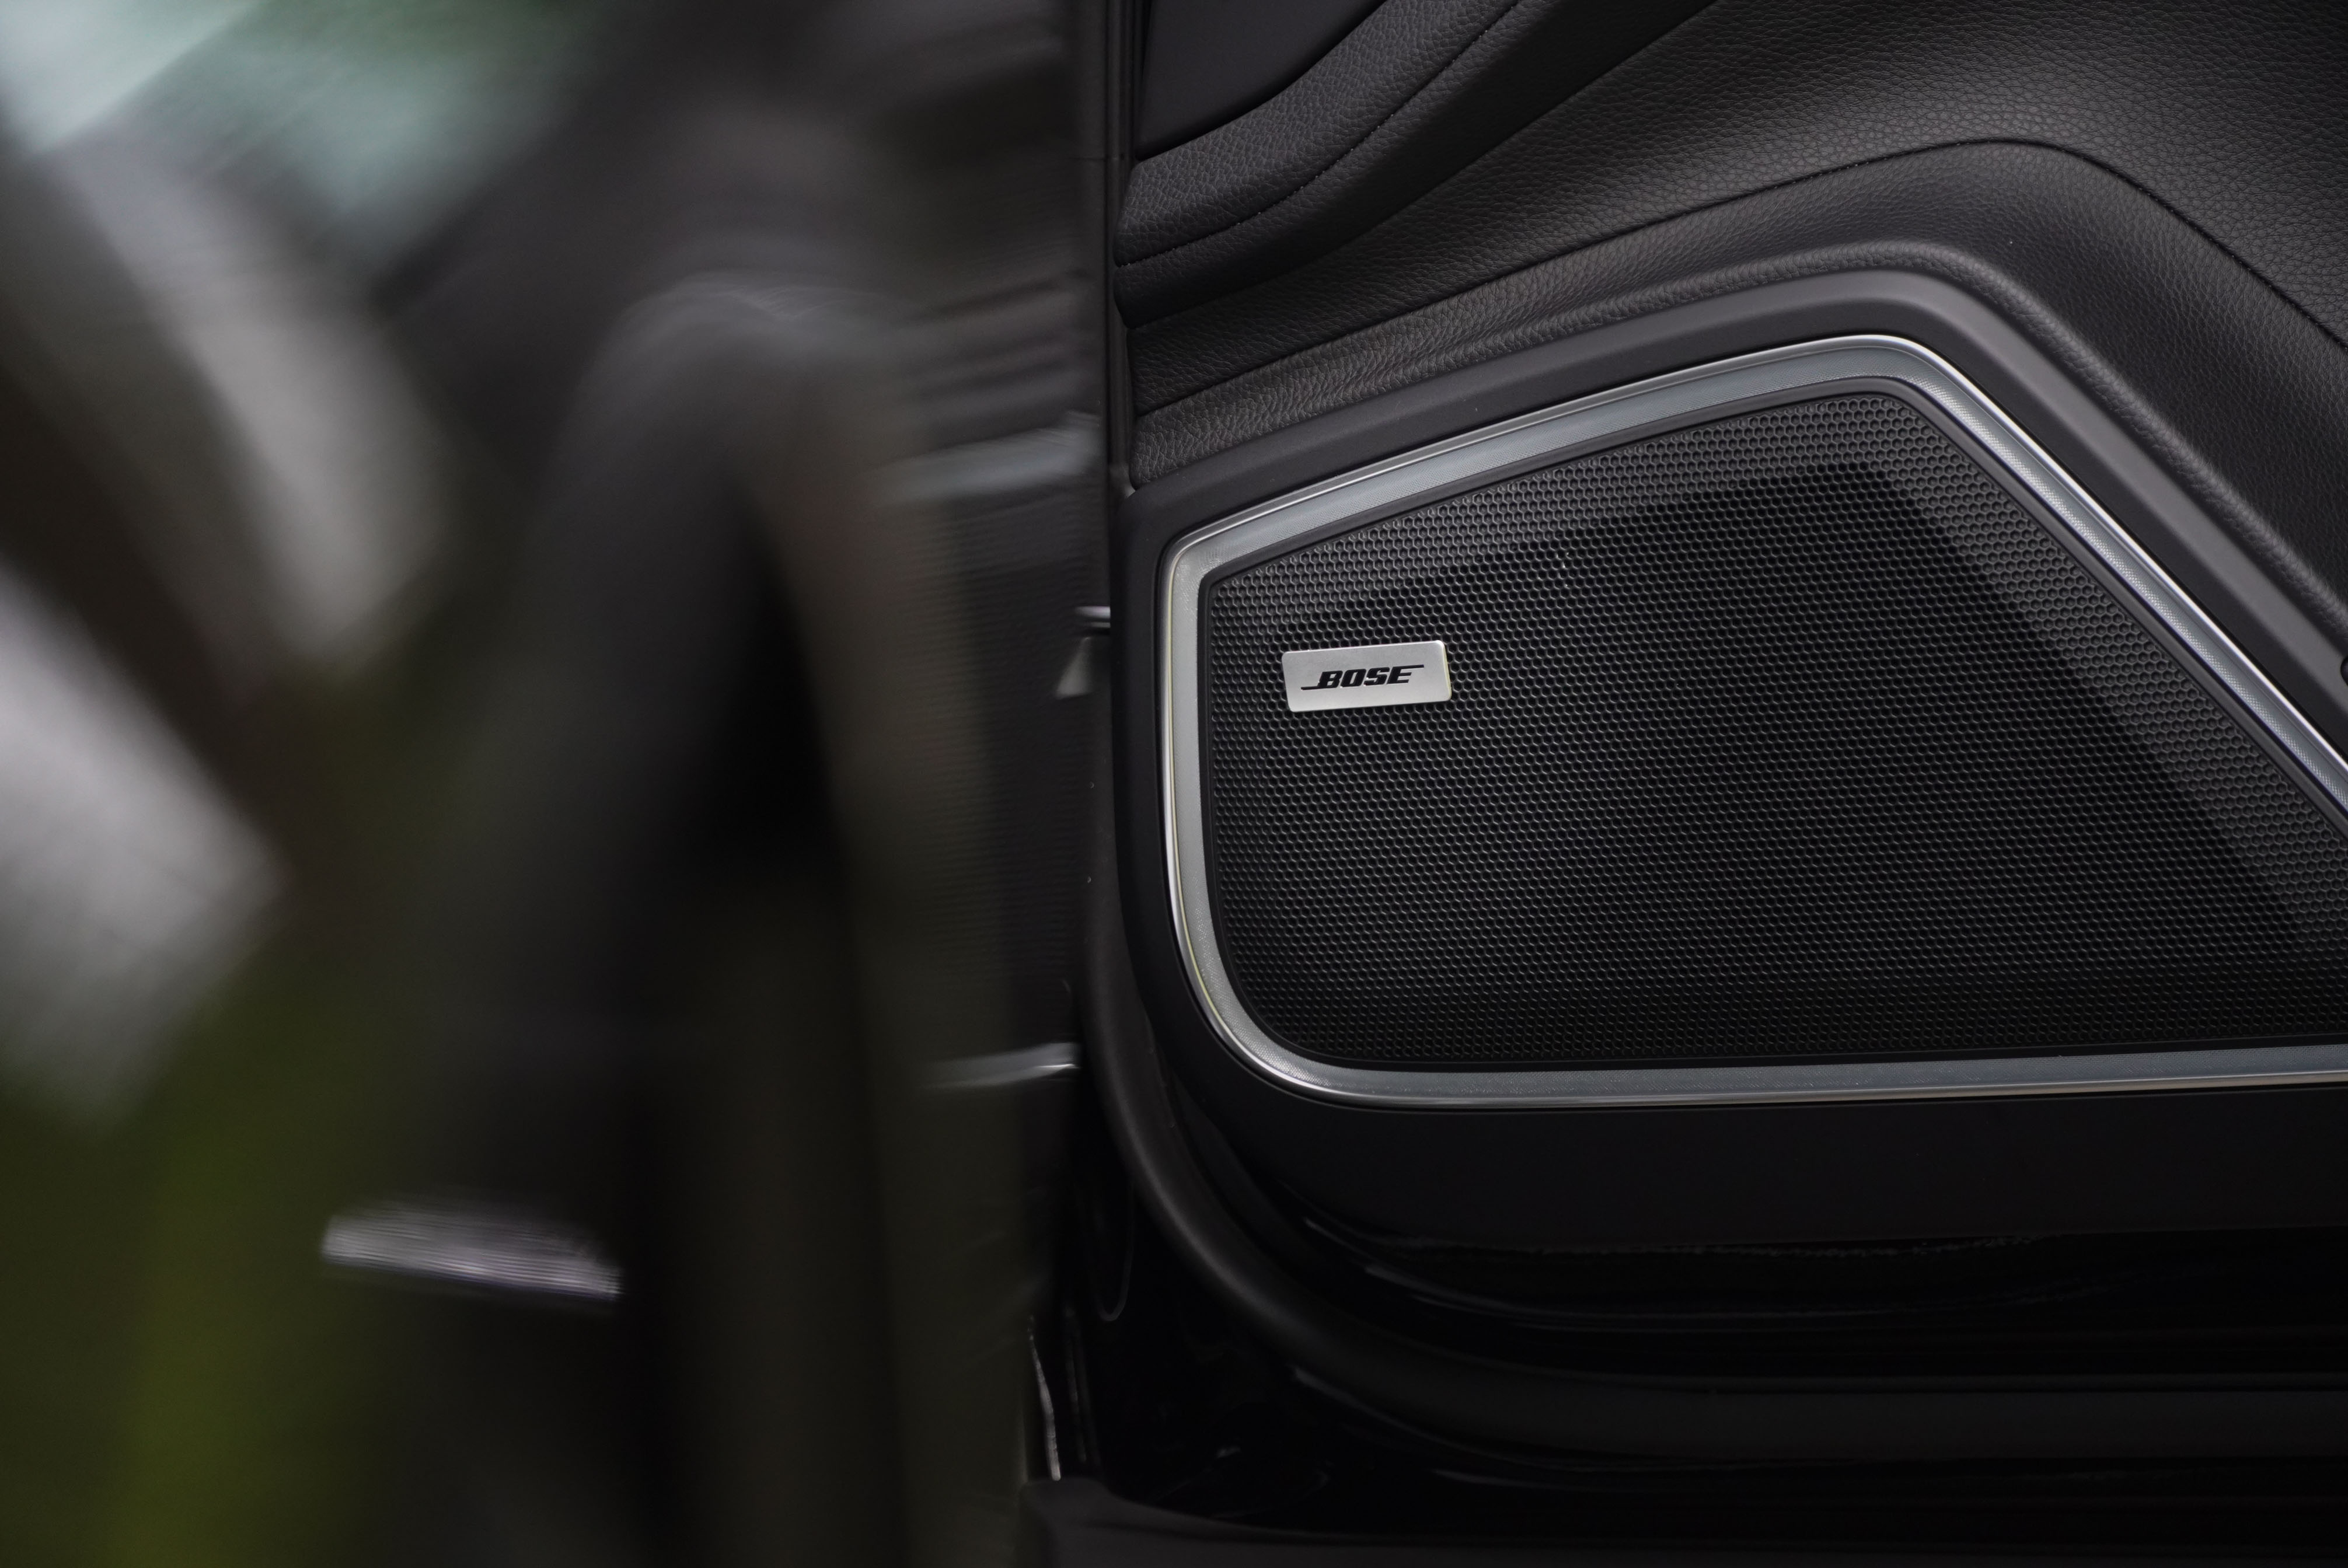 標配  Bose 環繞音響系統。